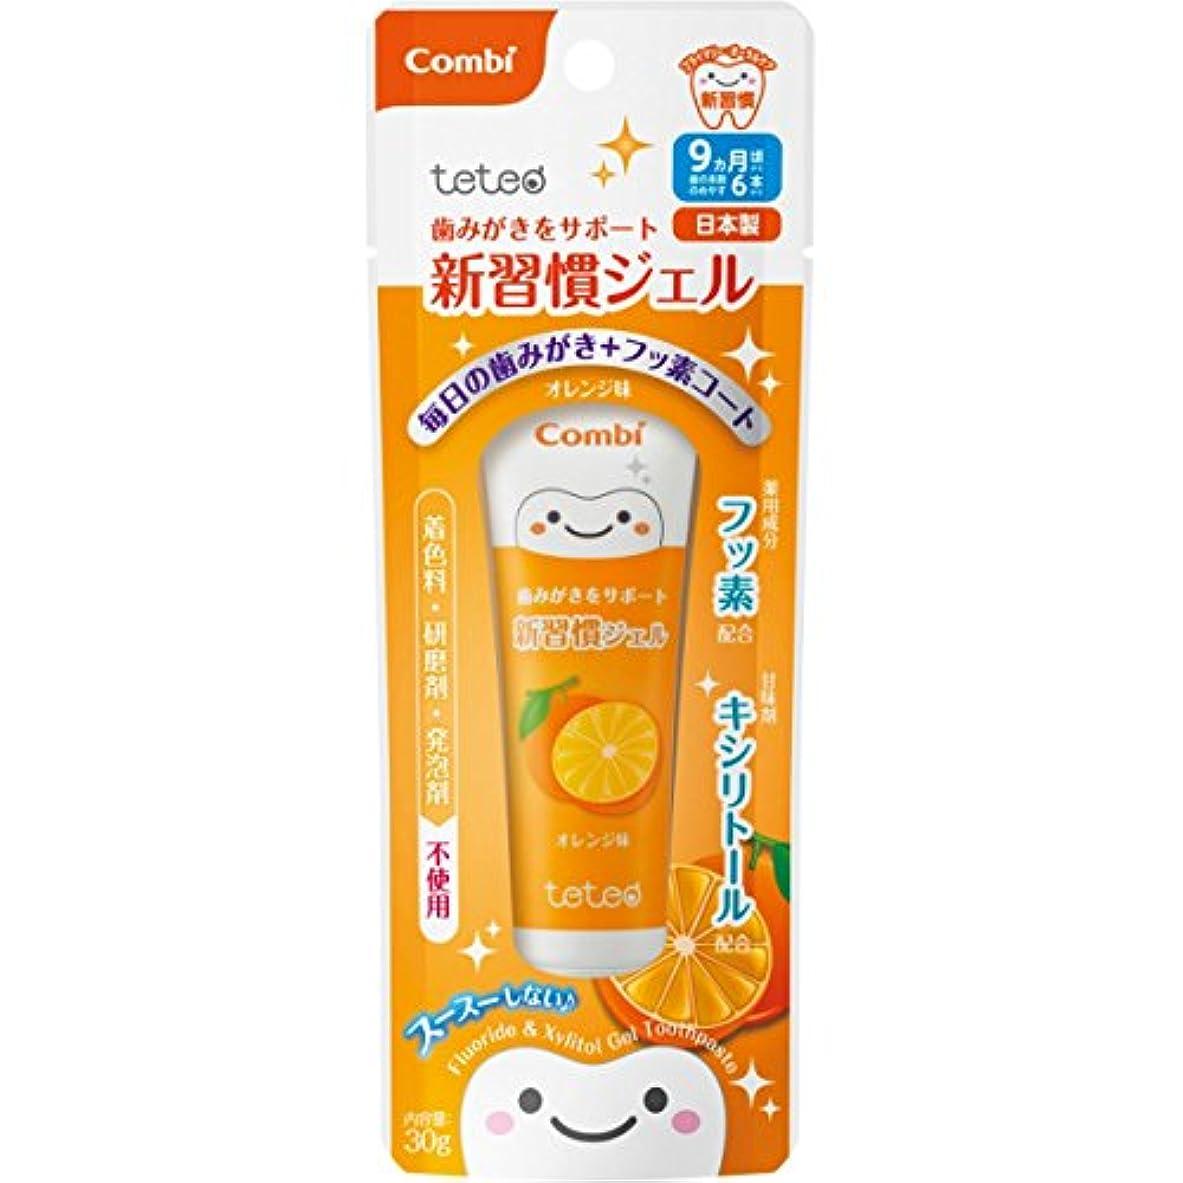 終了する持っているすみません【テテオ】歯みがきサポート 新習慣ジェル オレンジ味 30g×3個